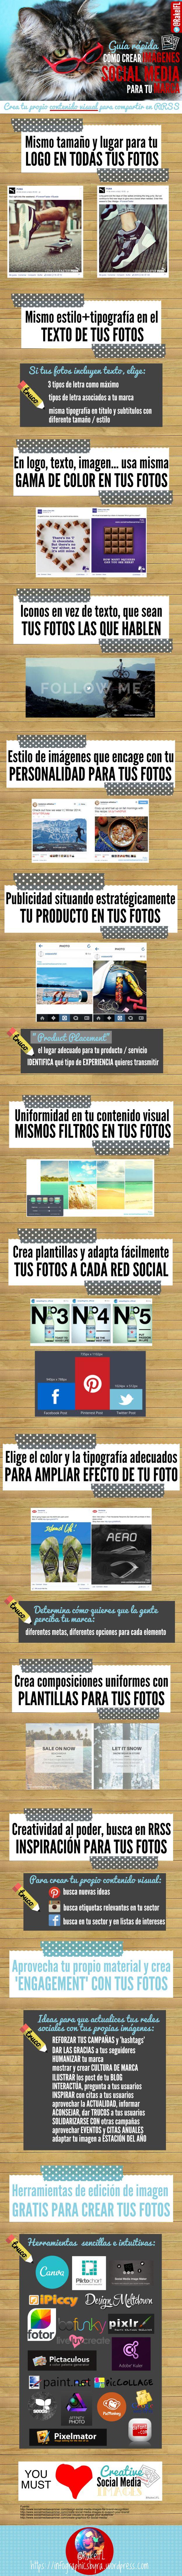 Hola: Una infografía sobre Imágenes social media: guía rápida de contenido visual para tu marca. Vía Un saludo